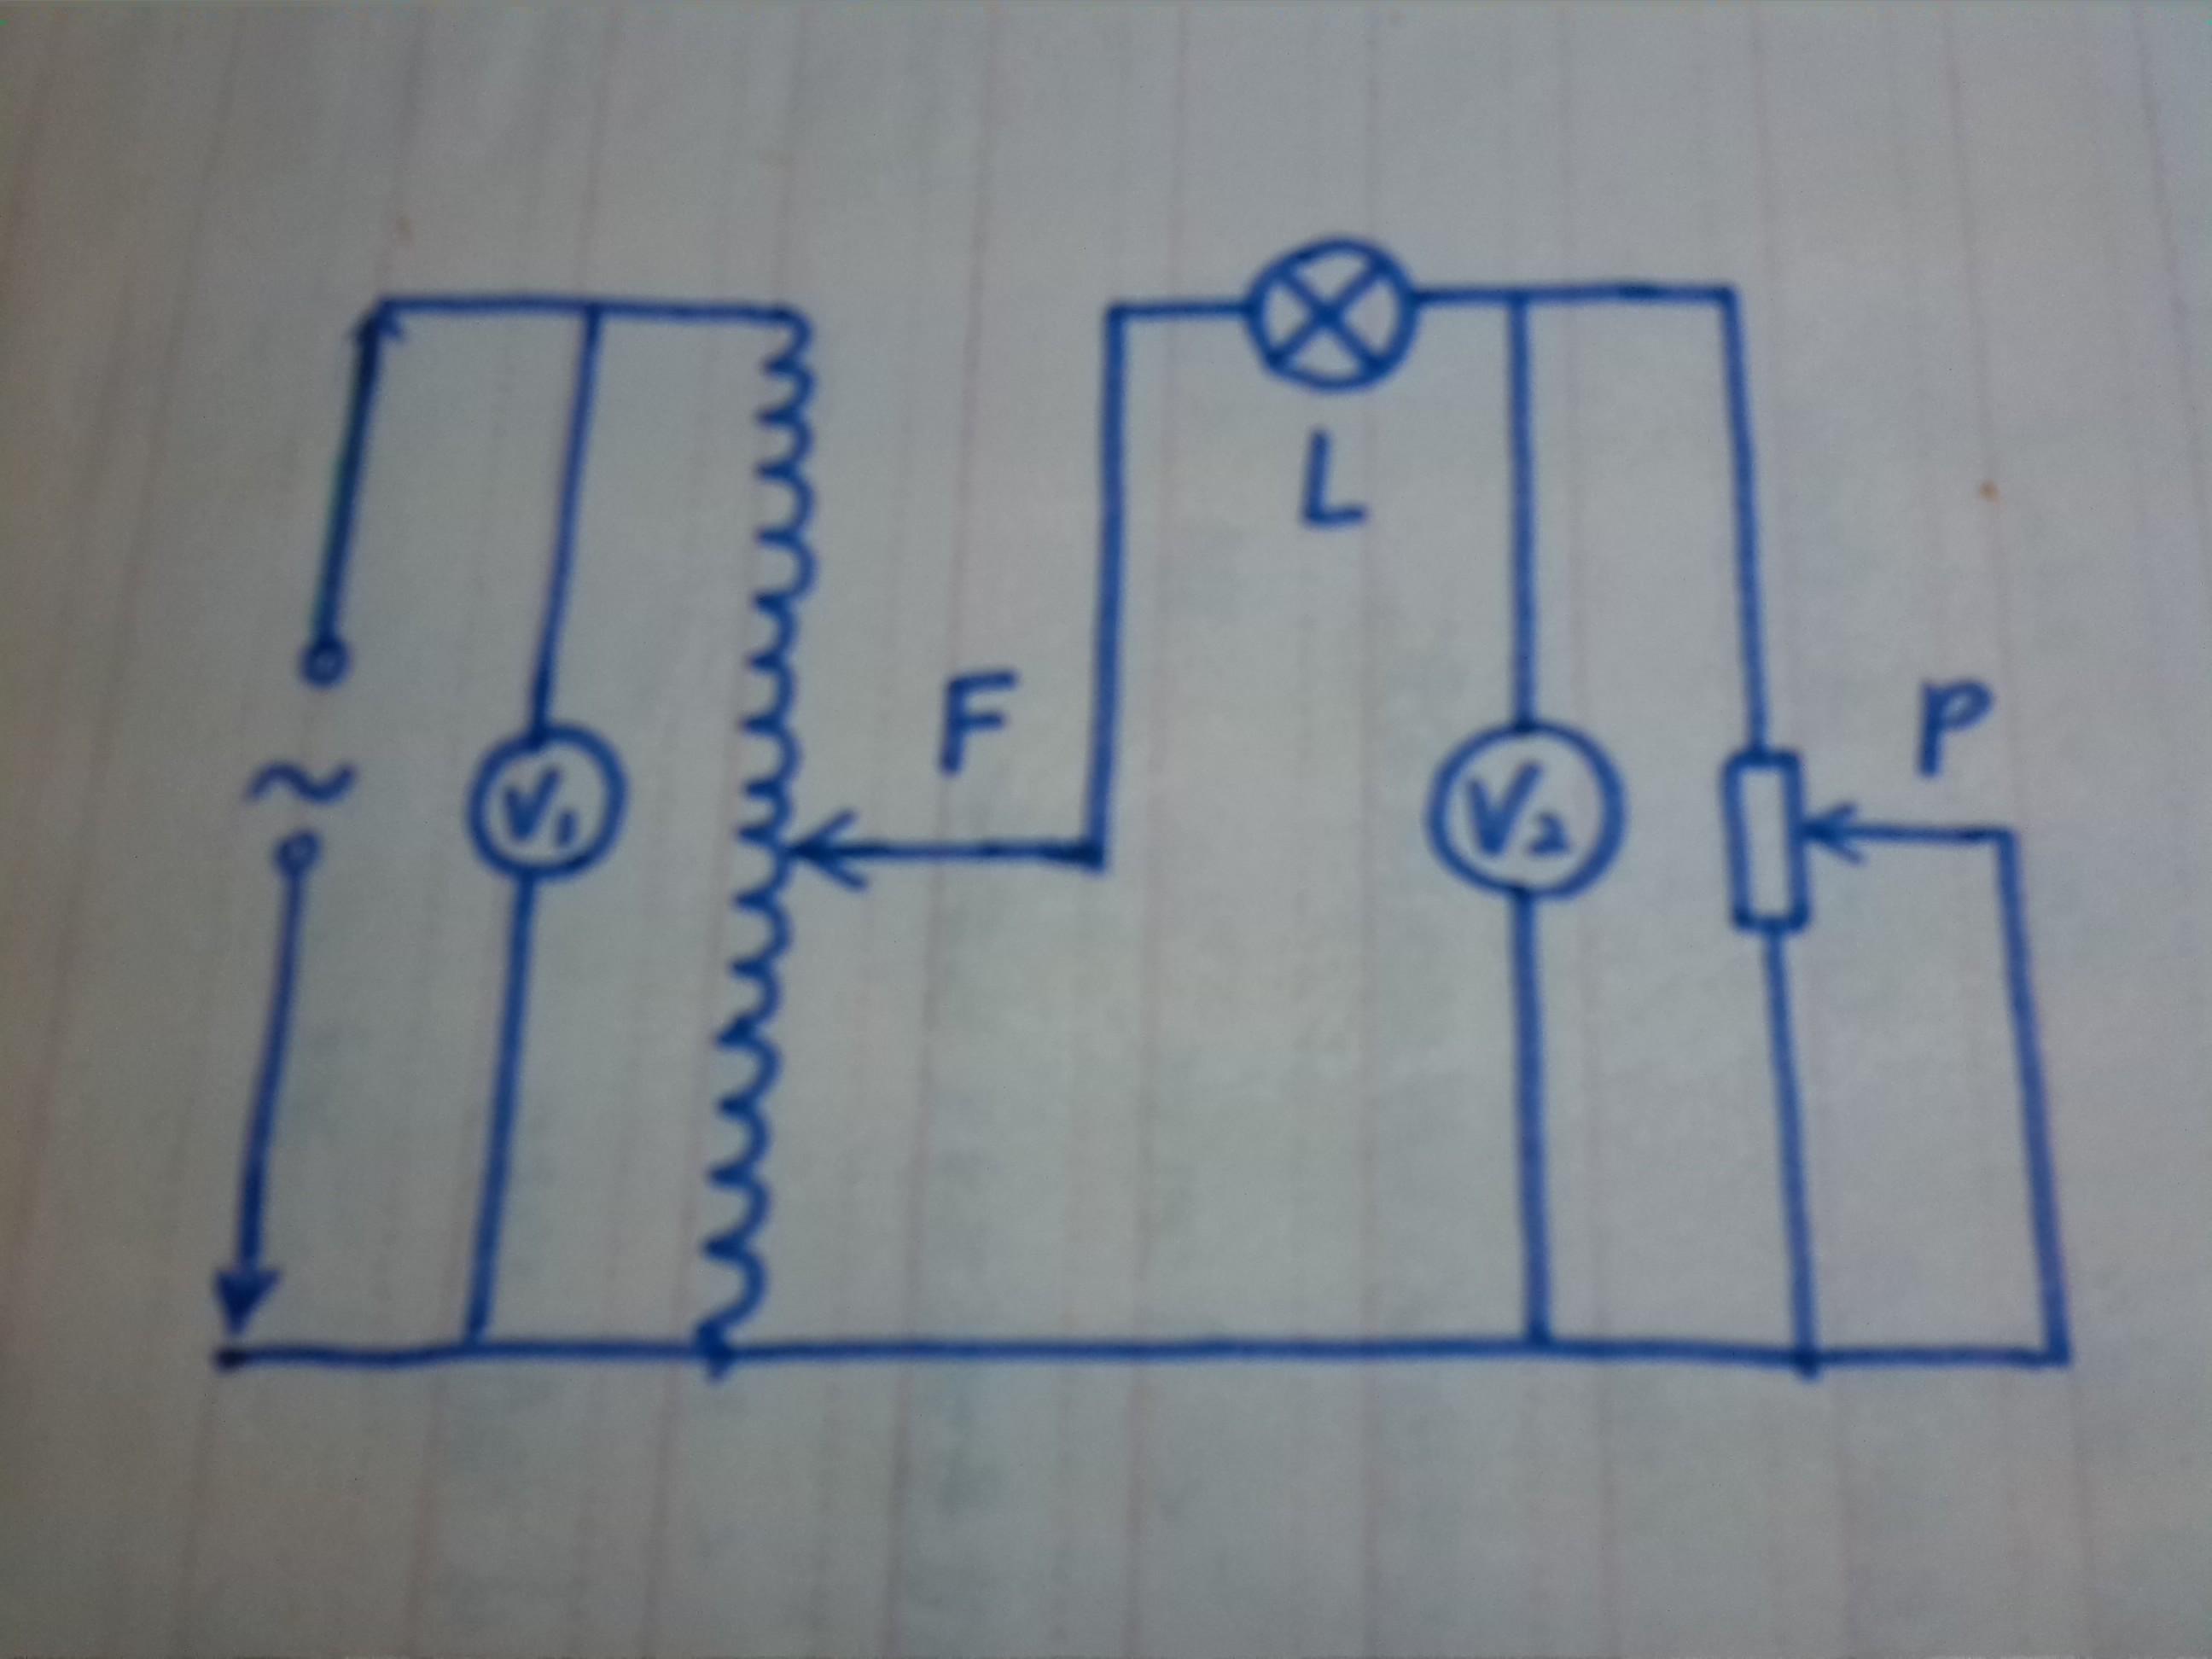 如图所示的电路图中,有一自耦变压器,左侧并联一只理想电压表v1后接在